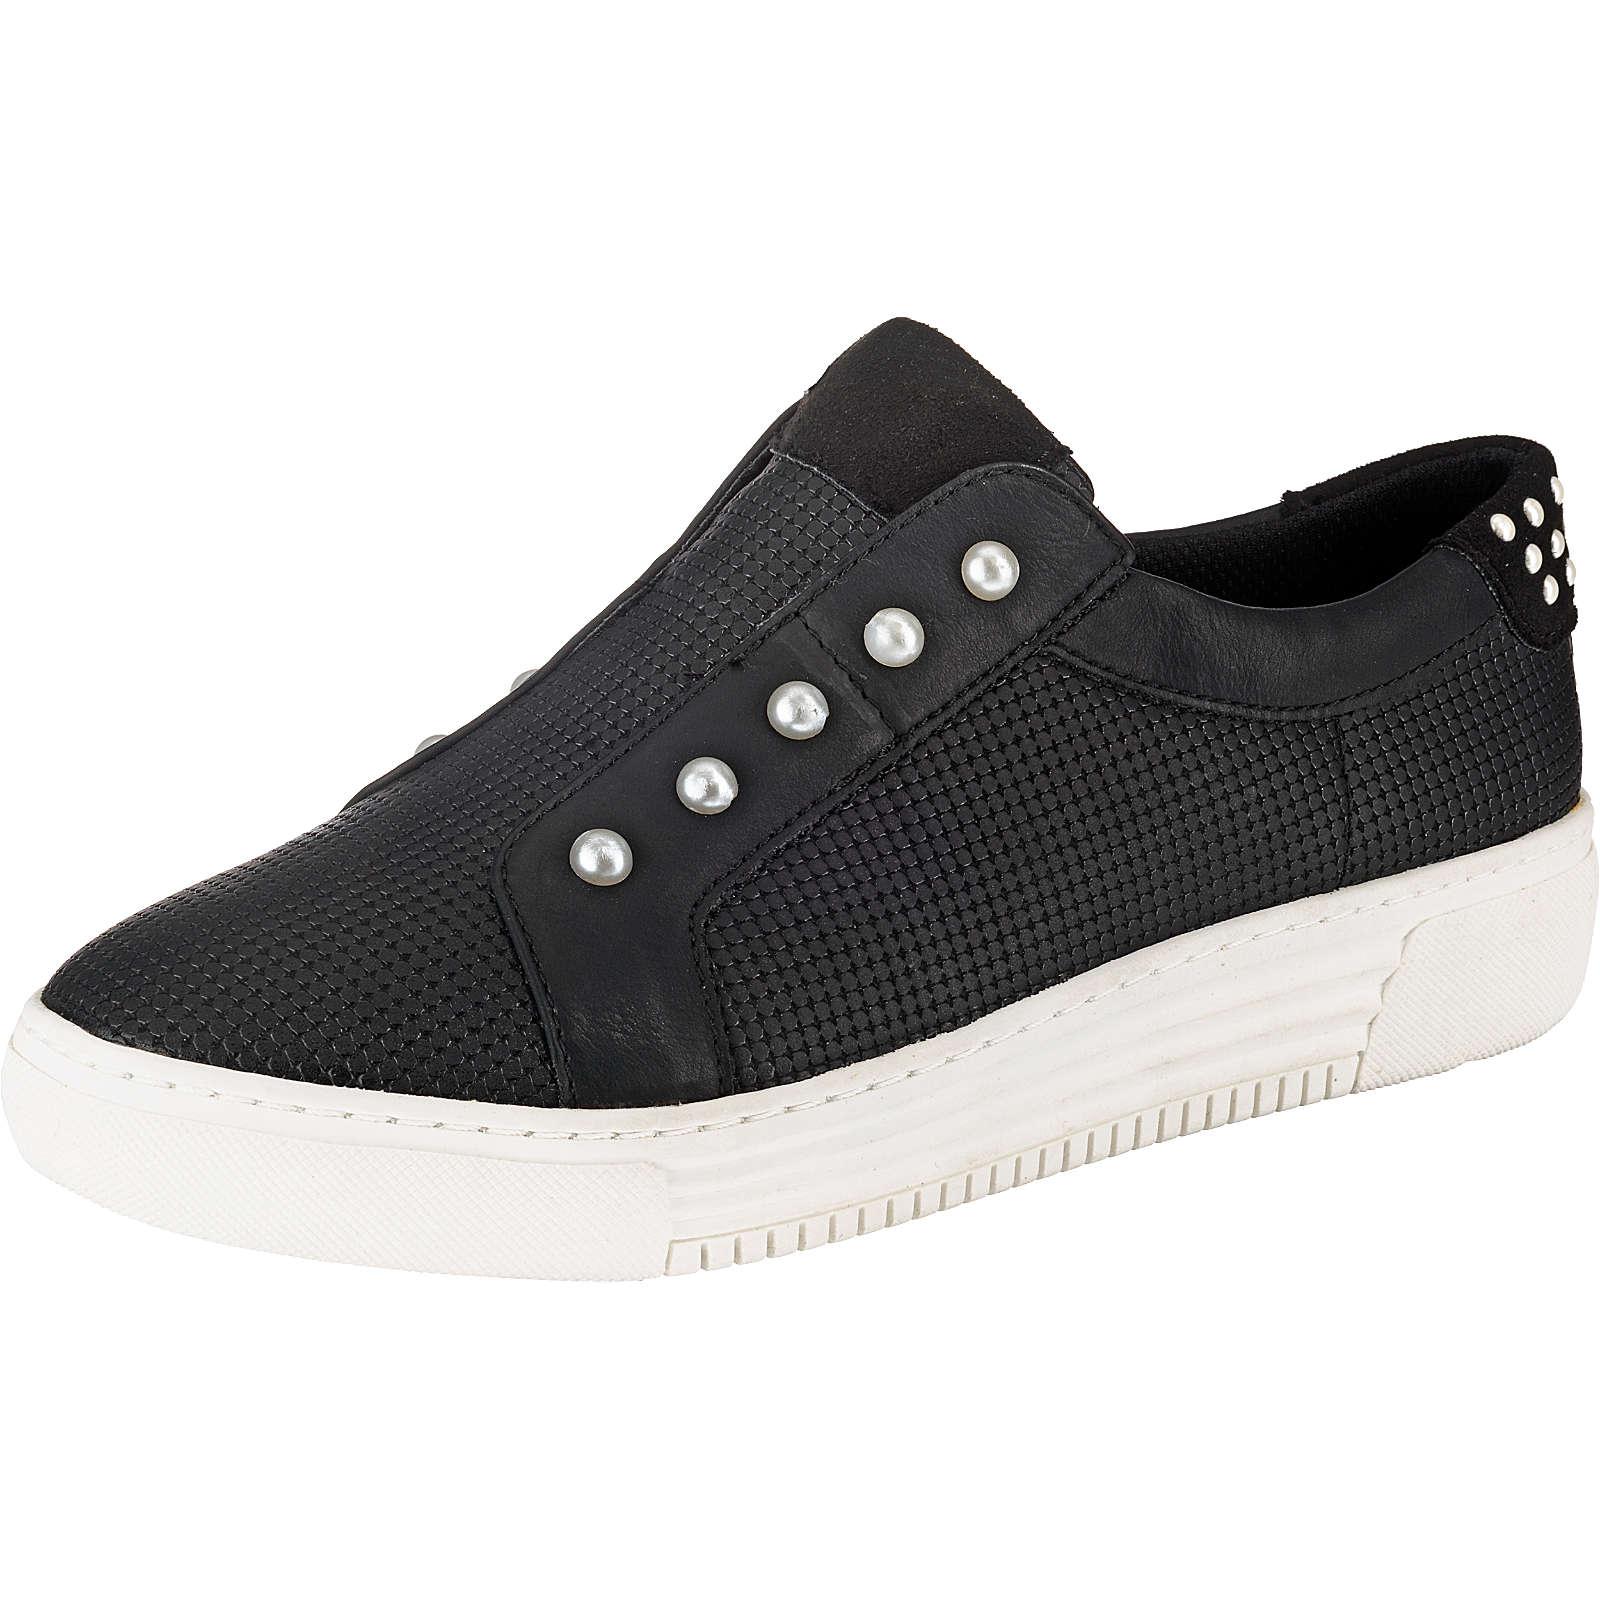 Relife Slip-On-Sneaker schwarz Damen Gr. 42